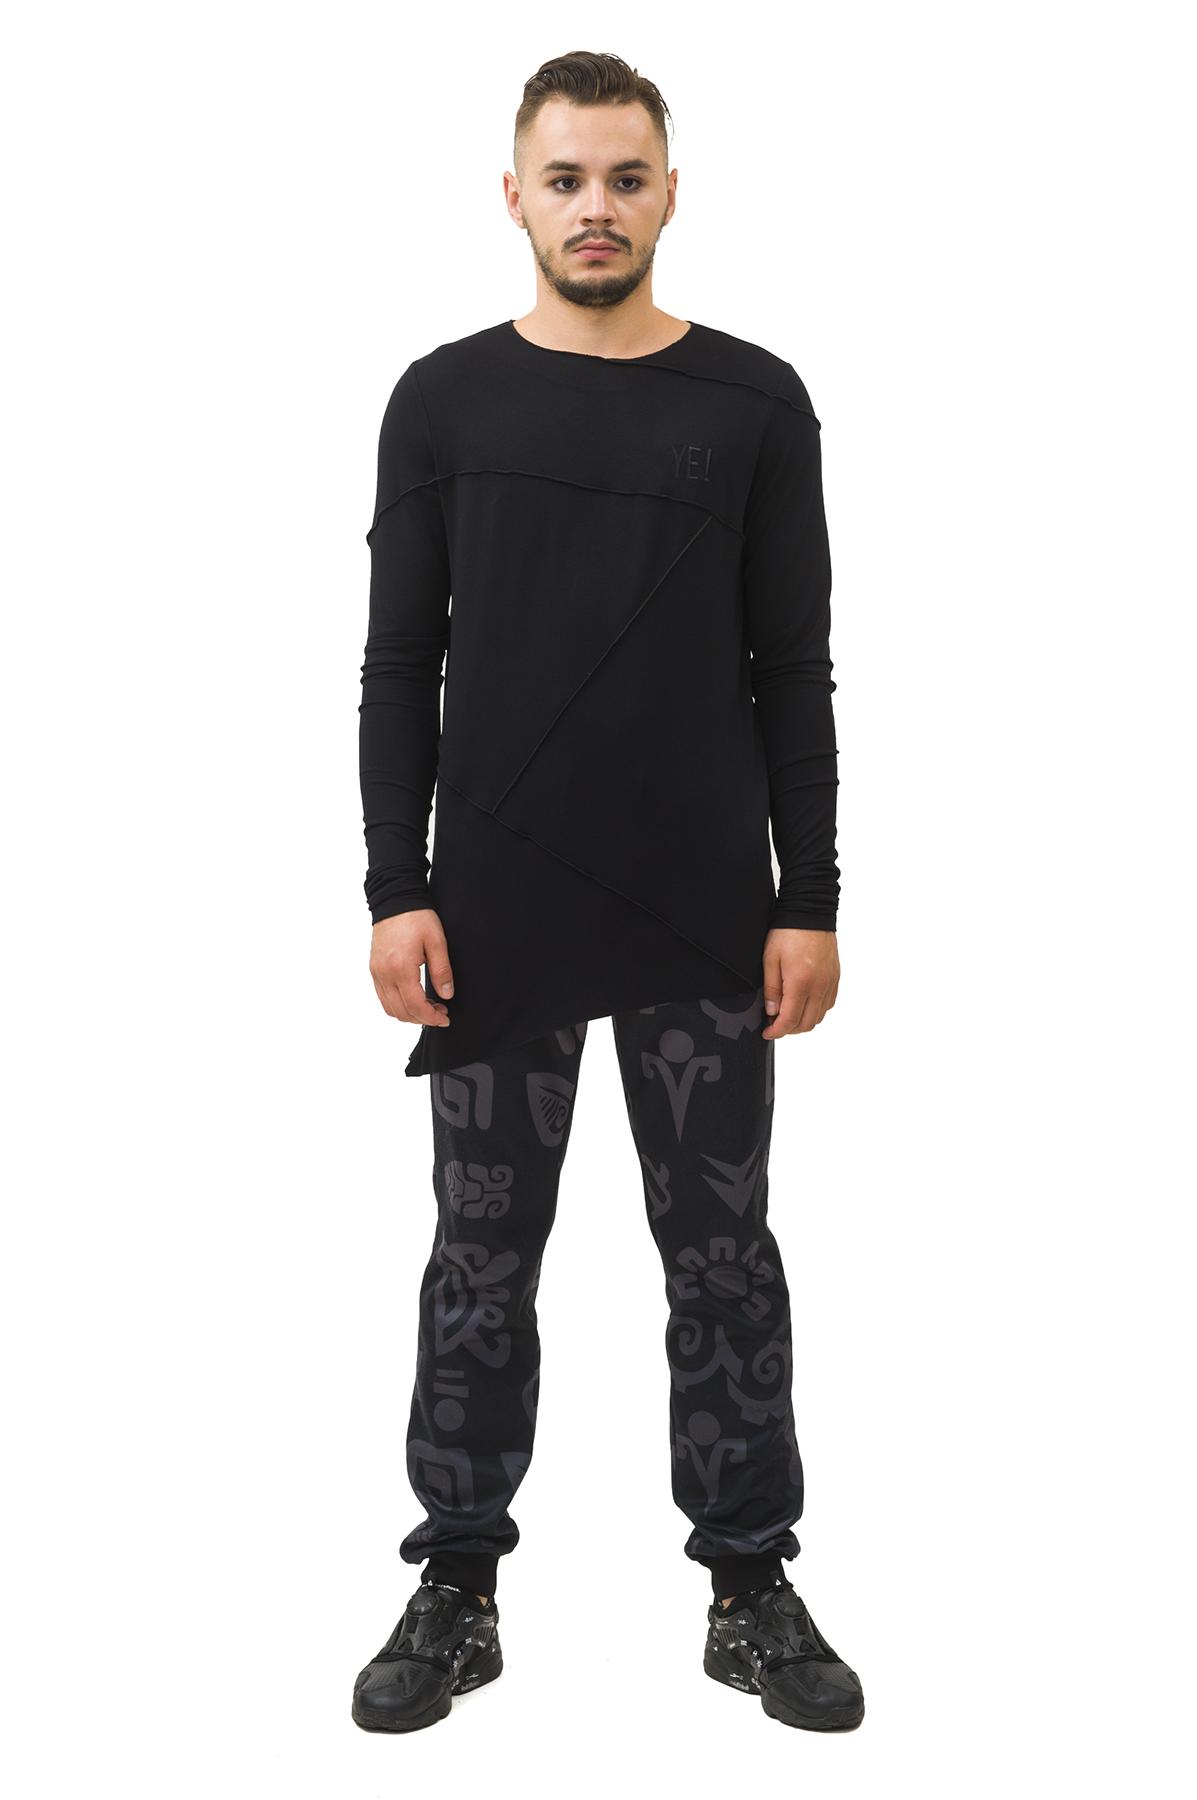 ЛонгсливМужские футболки, джемпера<br>Лонгслив Pavel Yerokin выполнен из вискозного трикотажа. Особенности: сложный расчлененный, асимметричный крой, наружная обработка швов, круглый вырез, длинный рукав.<br><br>Цвет: черный<br>Состав: Вискоза - 92%, Эластан - 8%<br>Размер: 44,46,48,50,52,54,56,58,60<br>Страна дизайна: Россия<br>Страна производства: Россия